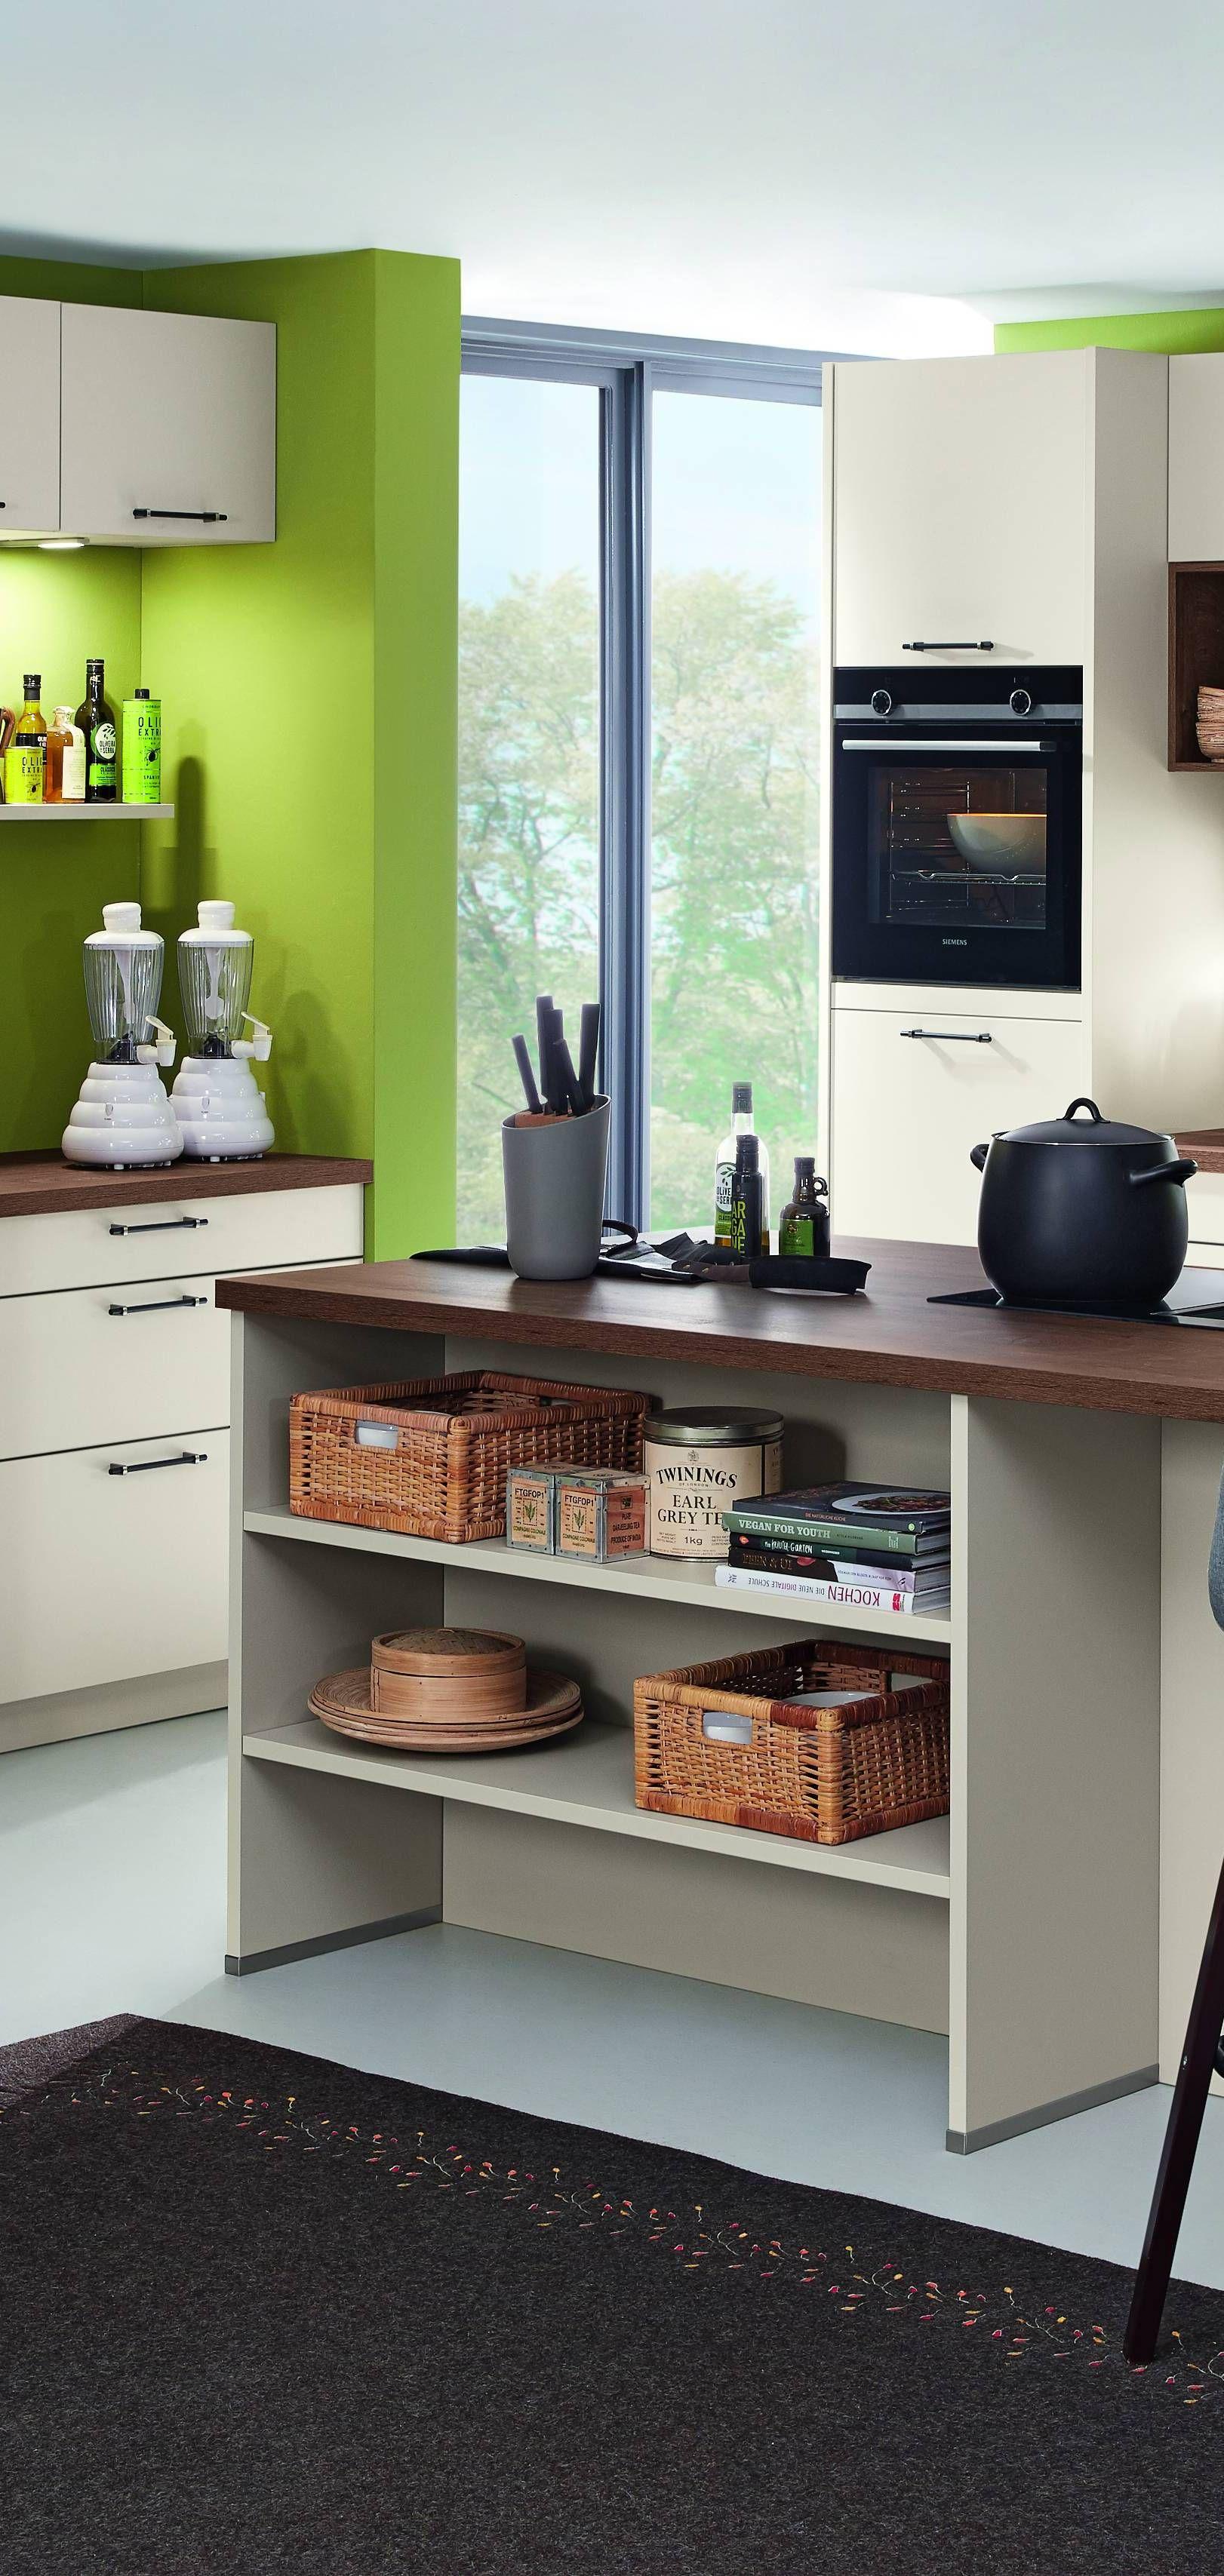 Schlichte Bauformat Kuche In Den Farben Sandbeige Seitenmatt Lackiert Mit Dunkler Holzarbeitsplatte Wohnkuche Kuchen Mobel Haus Kuchen